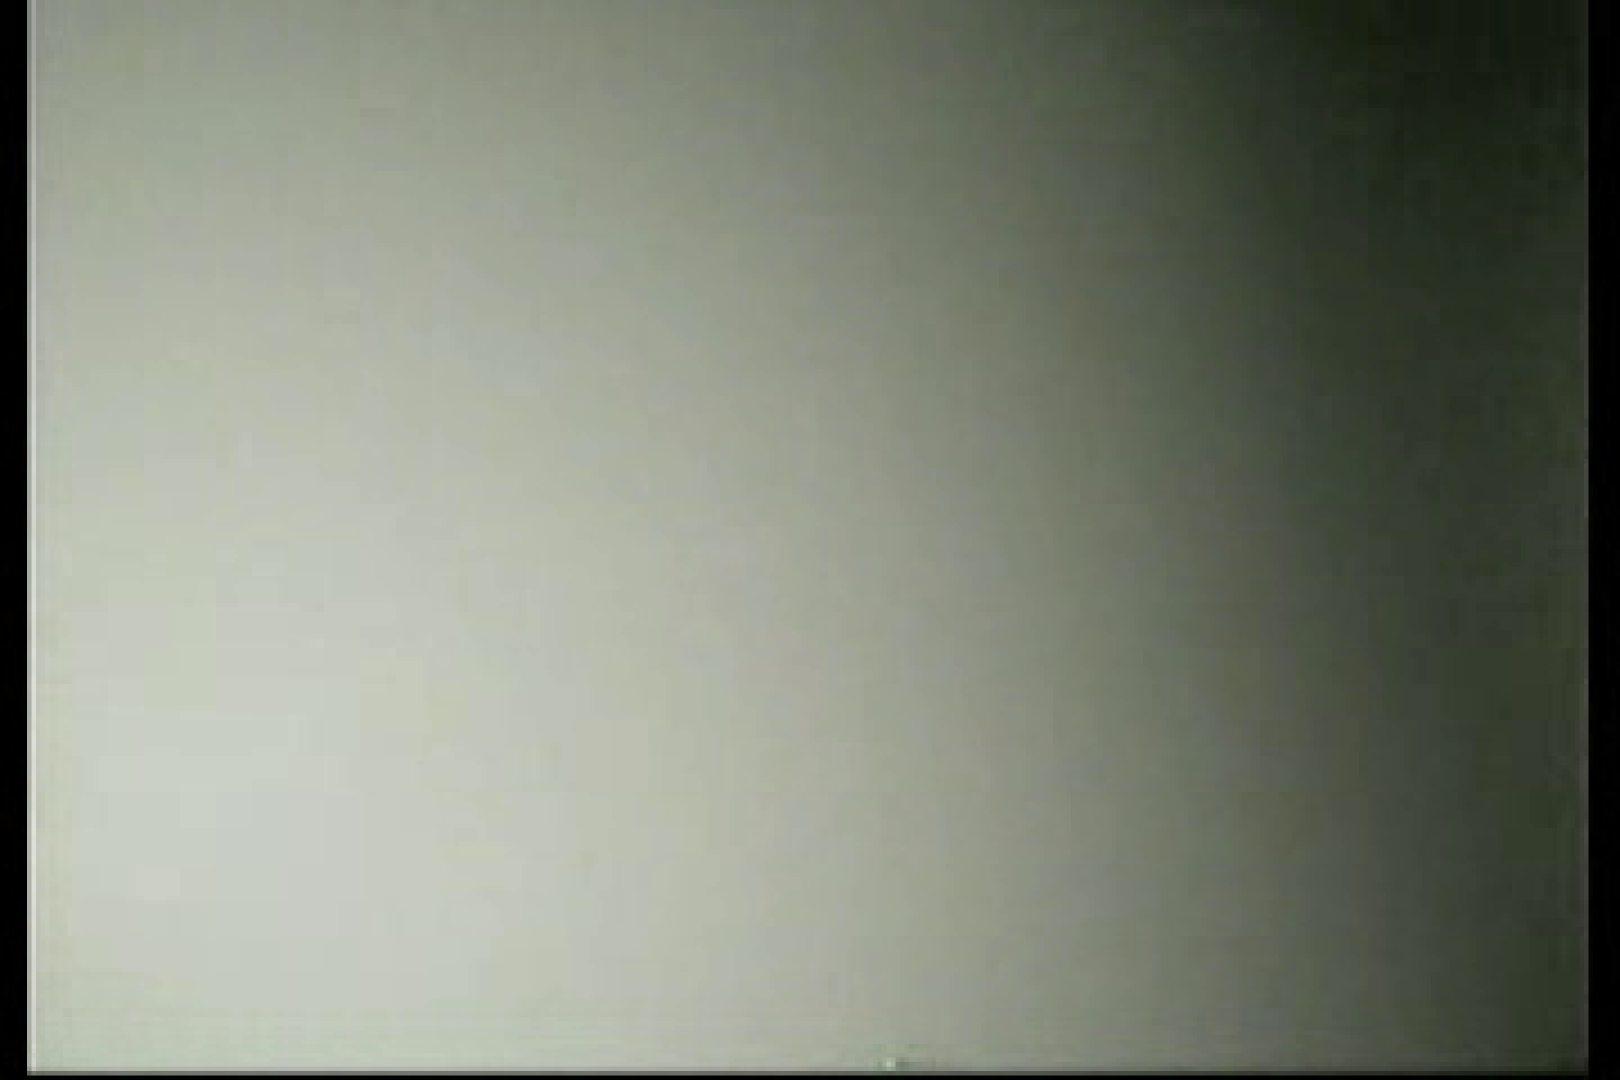 【流出自画撮】とにかく凄いぜ!!ケツまんFighters!! Vol.08 まじ生挿入 ゲイセックス画像 68pic 60